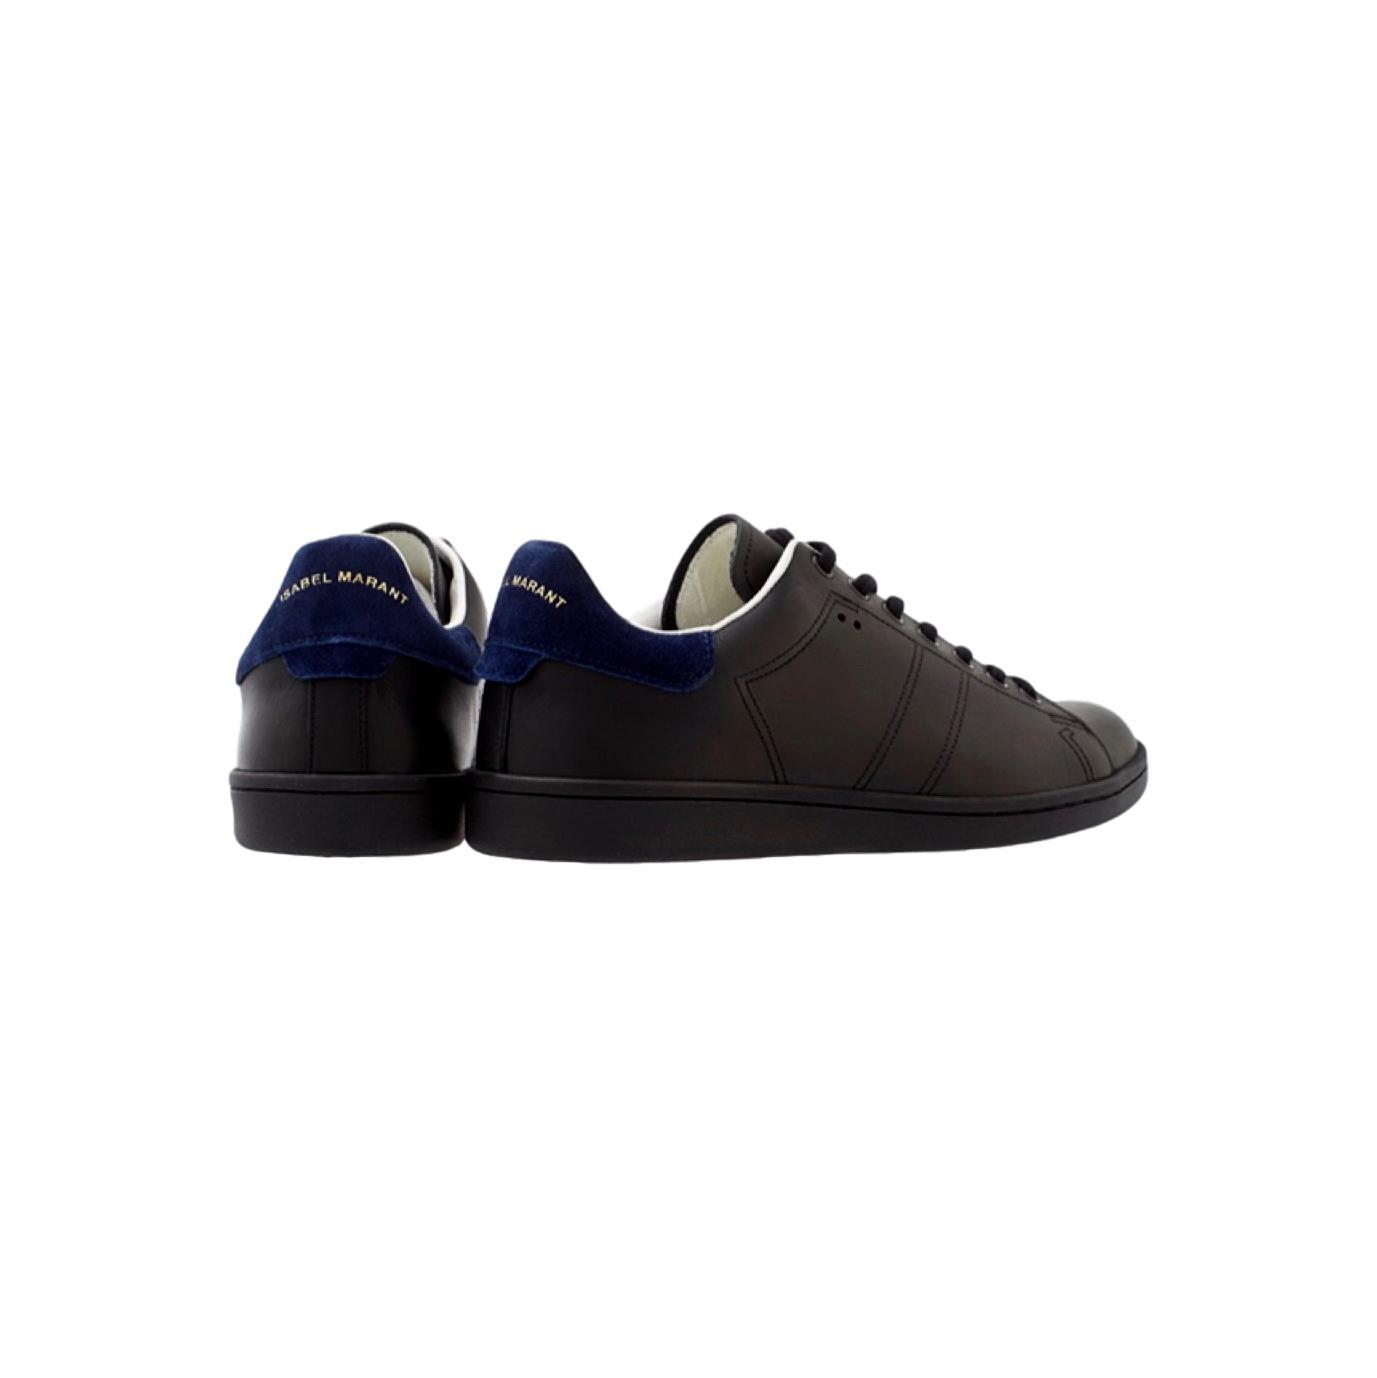 4a2126dc854b Купить кроссовки Isabel Marant за 10000 руб. в интернет магазине ...